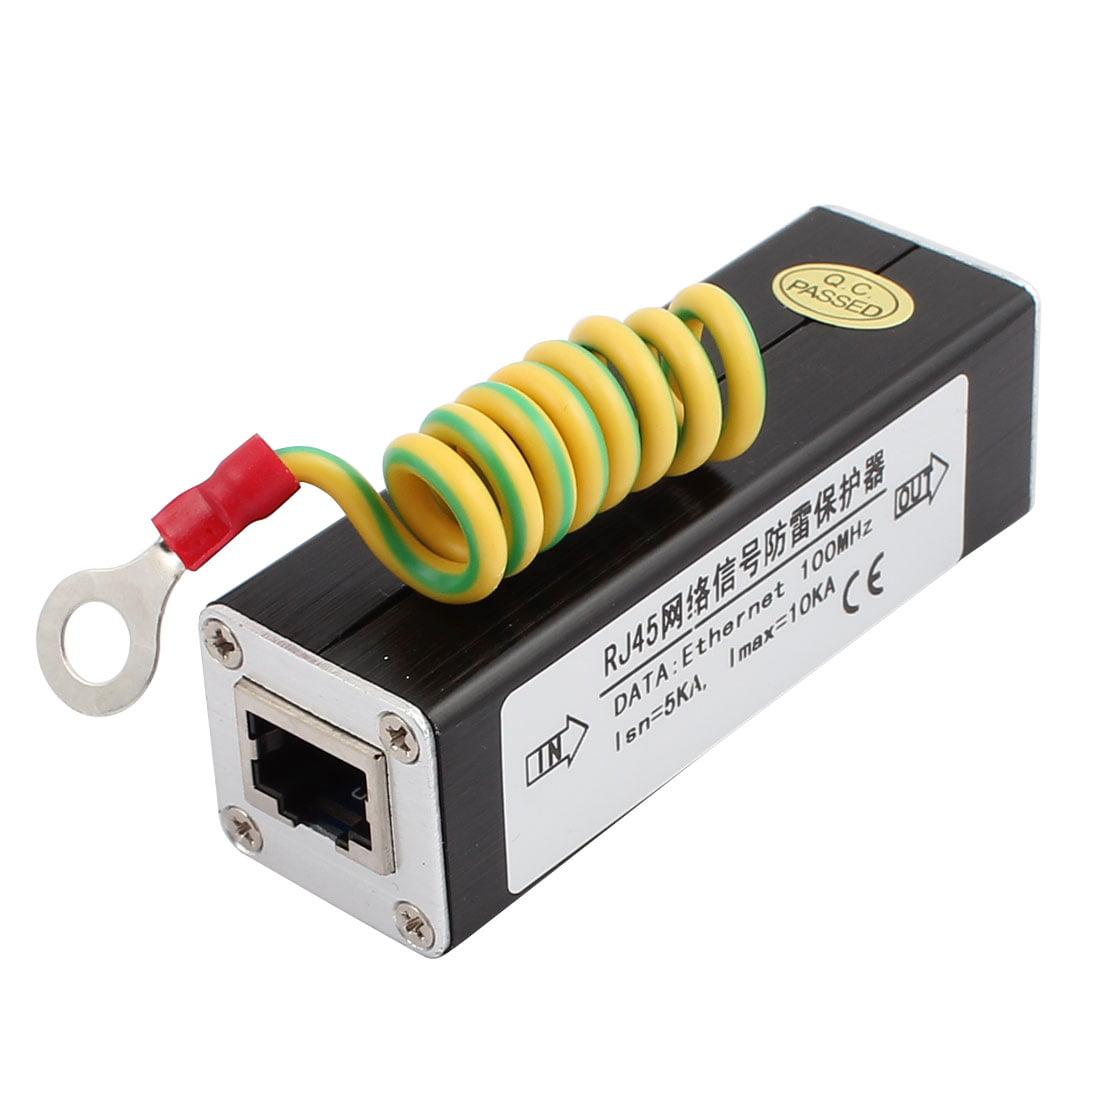 N-989IP RJ45 Port PoE+/Gigabit Network Signal Surge Protector Lightning Arrester